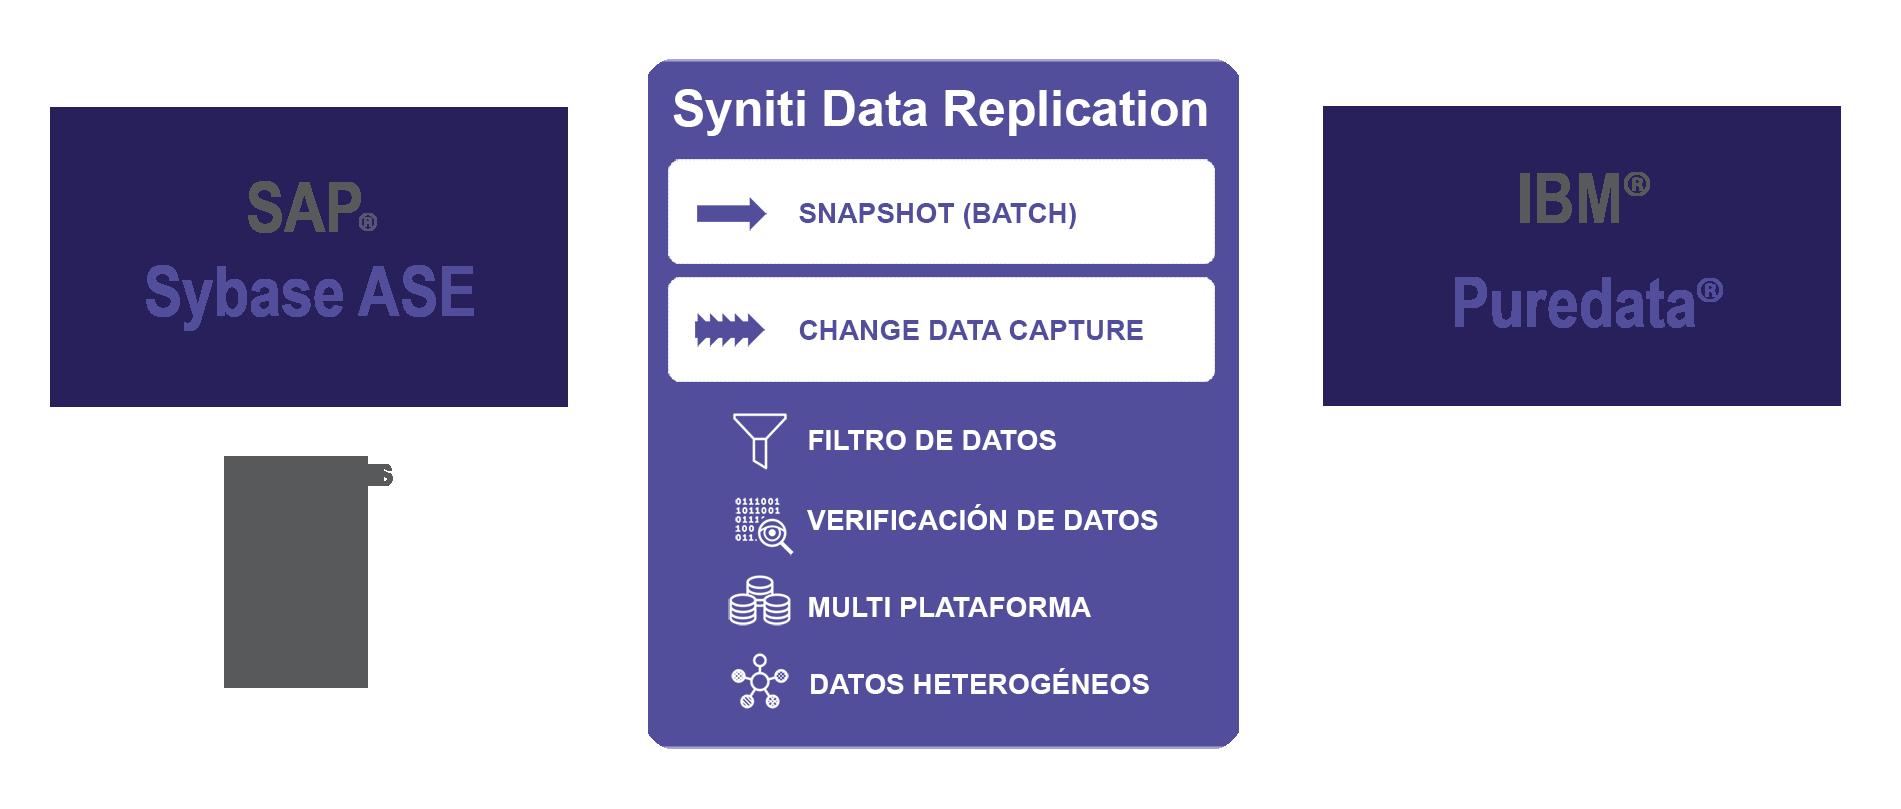 Carga de datos SAP Sybase ASE a Puredata Netezza en tiempo real